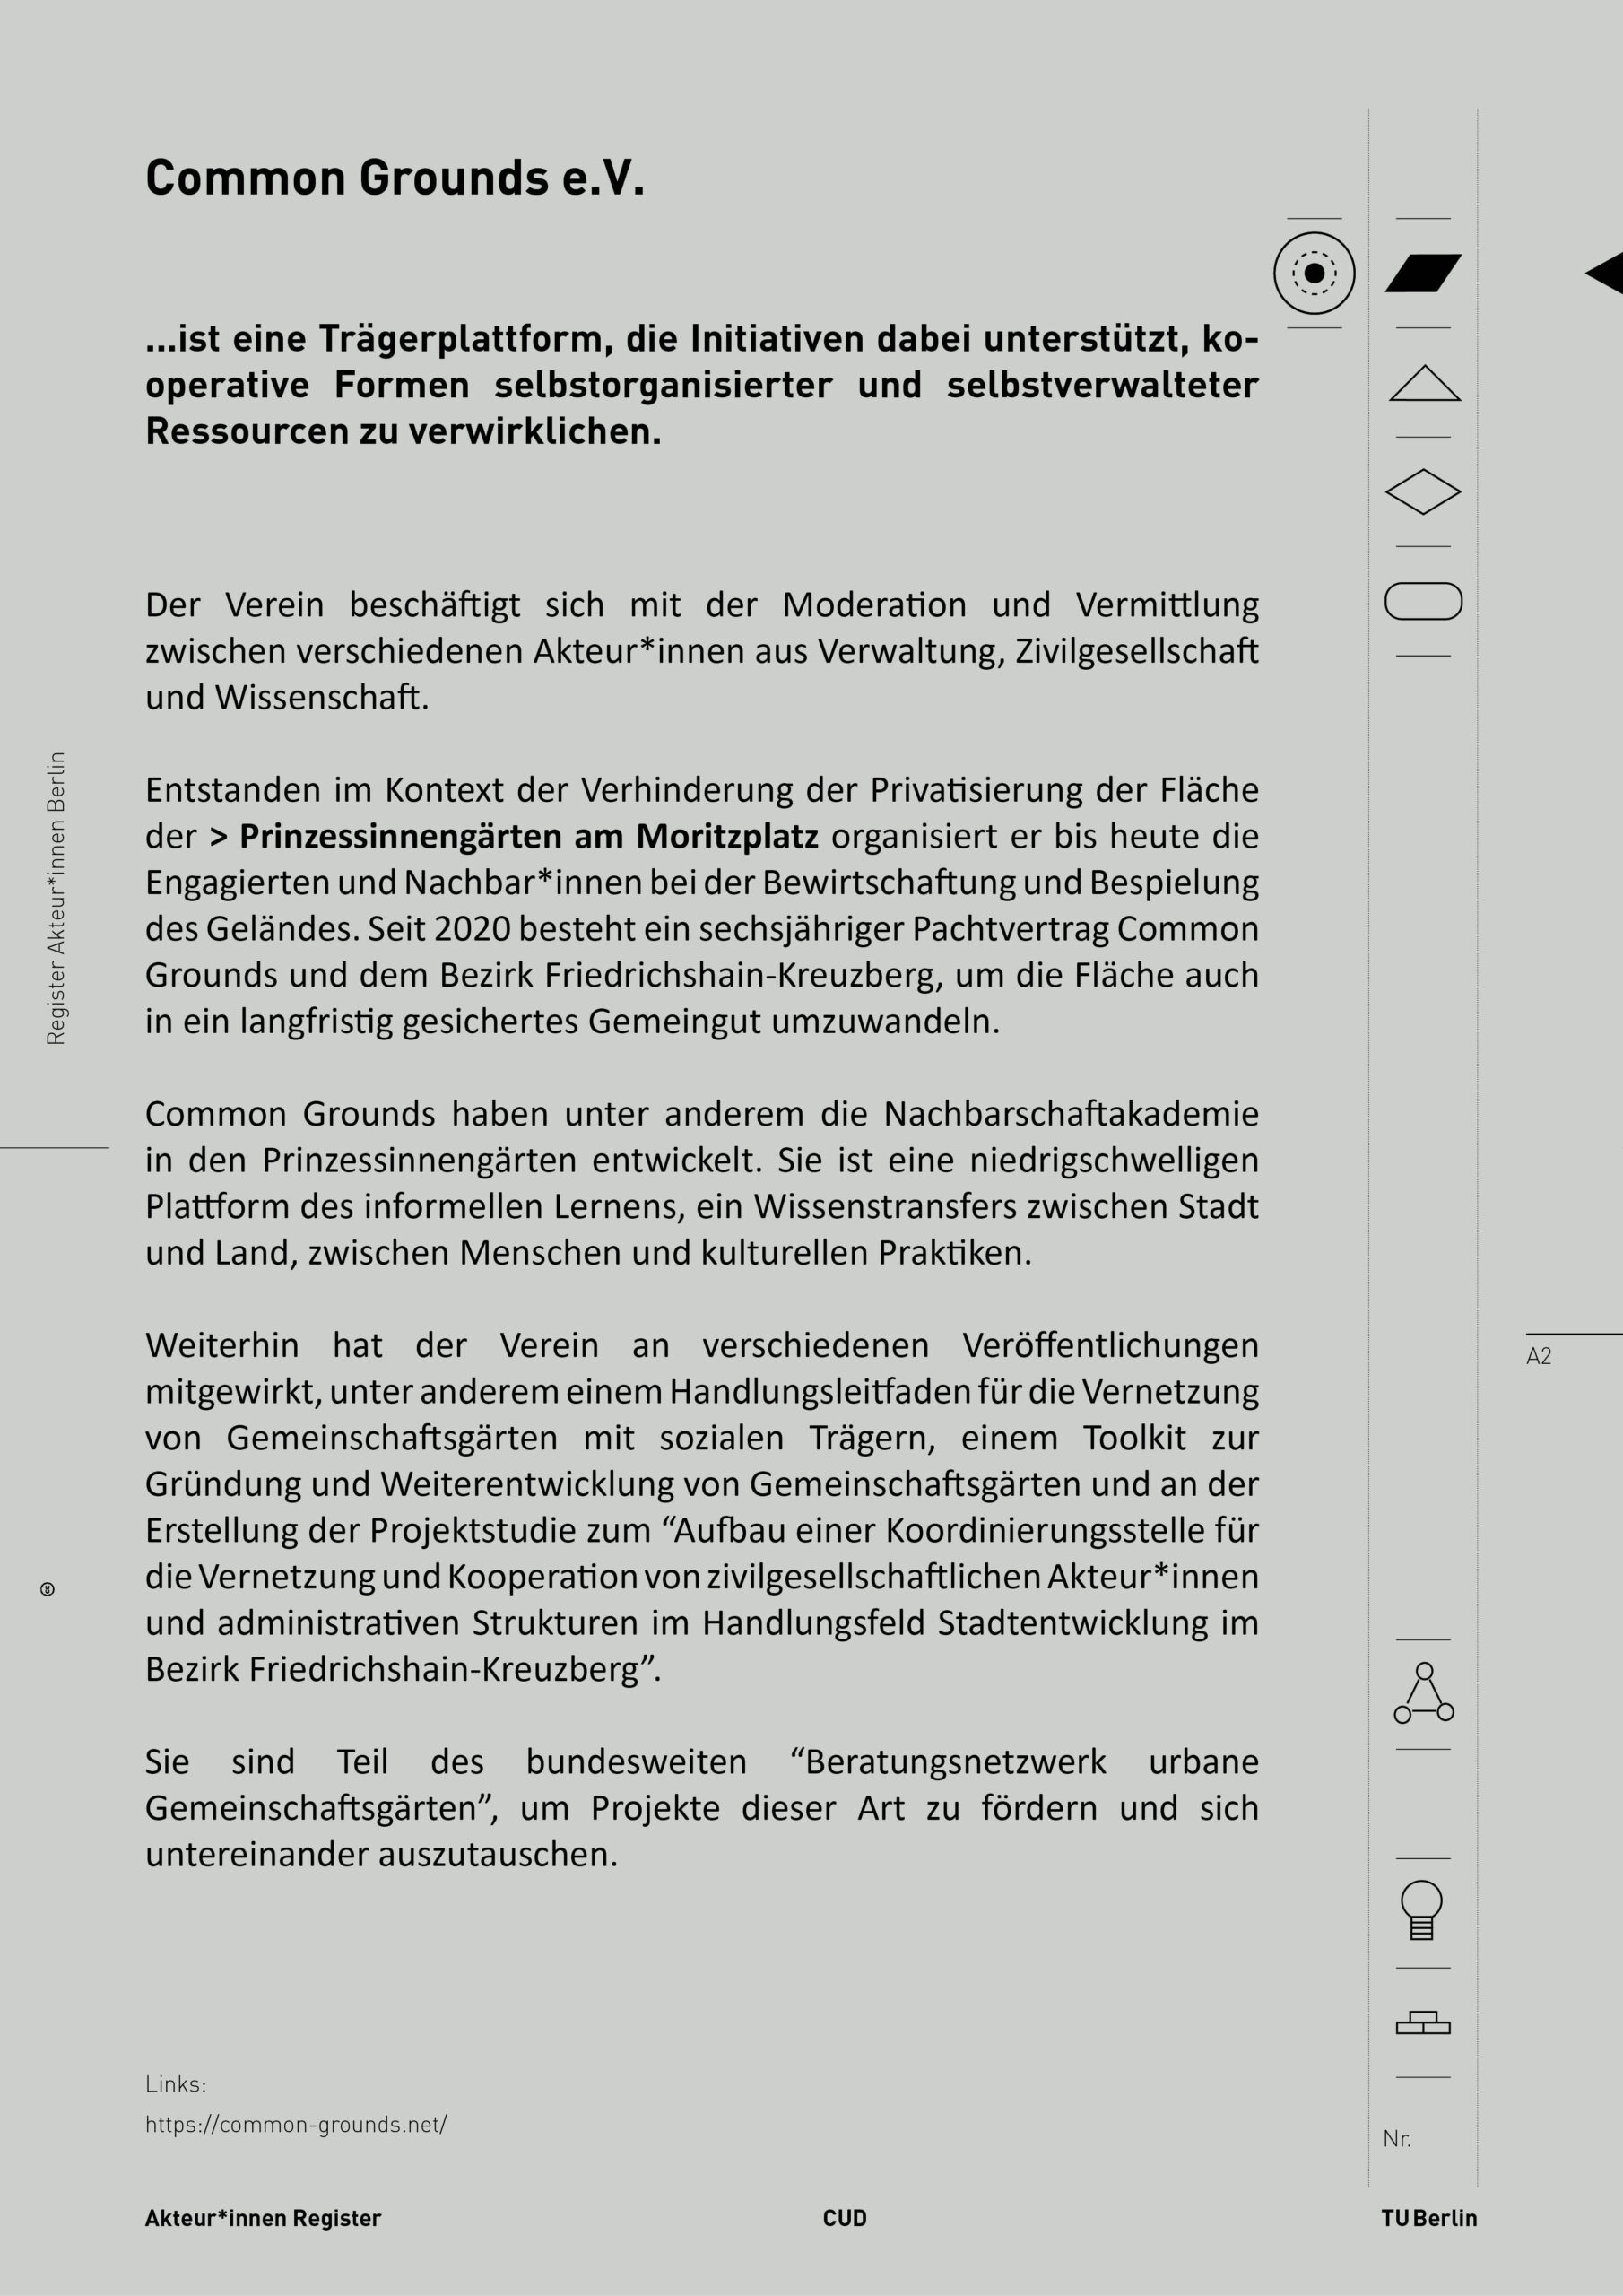 2021-05-17_AkteurInnen_Register_8